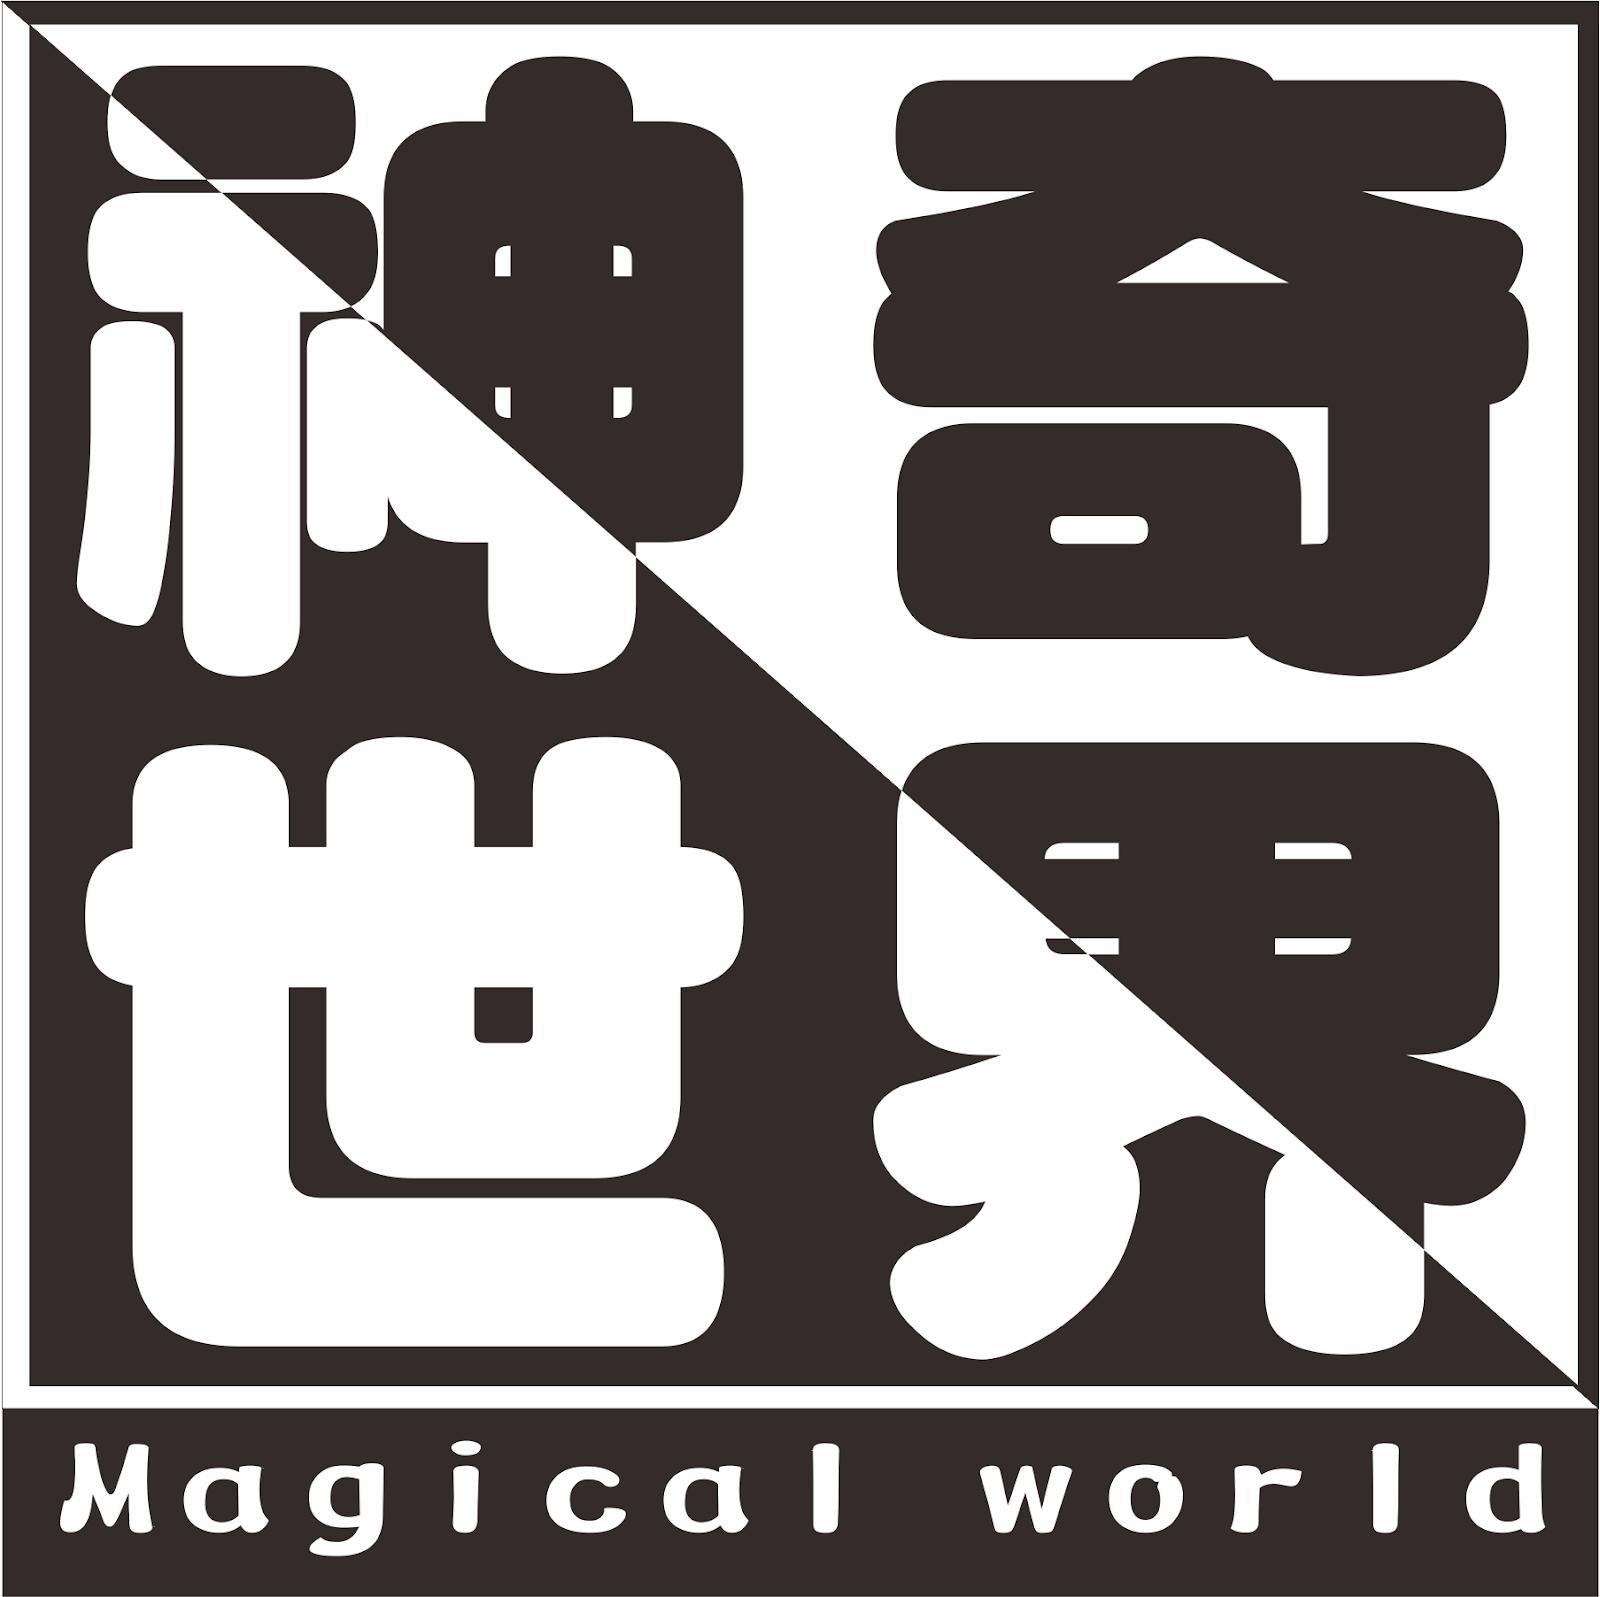 神奇世界│官方網站